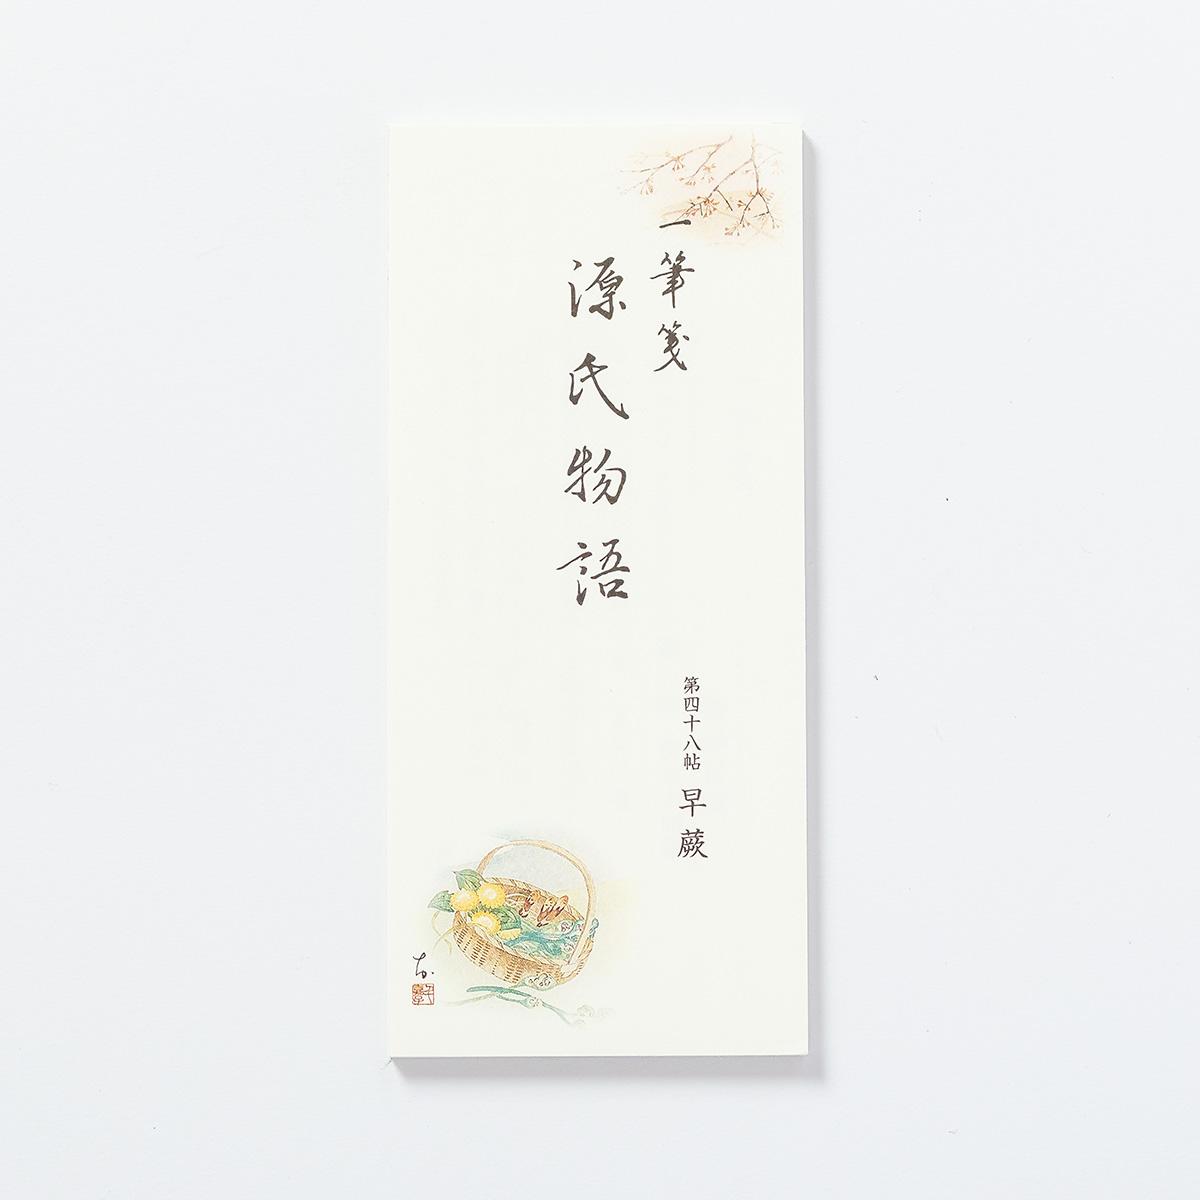 源氏物語一筆箋 第48帖「早蕨」